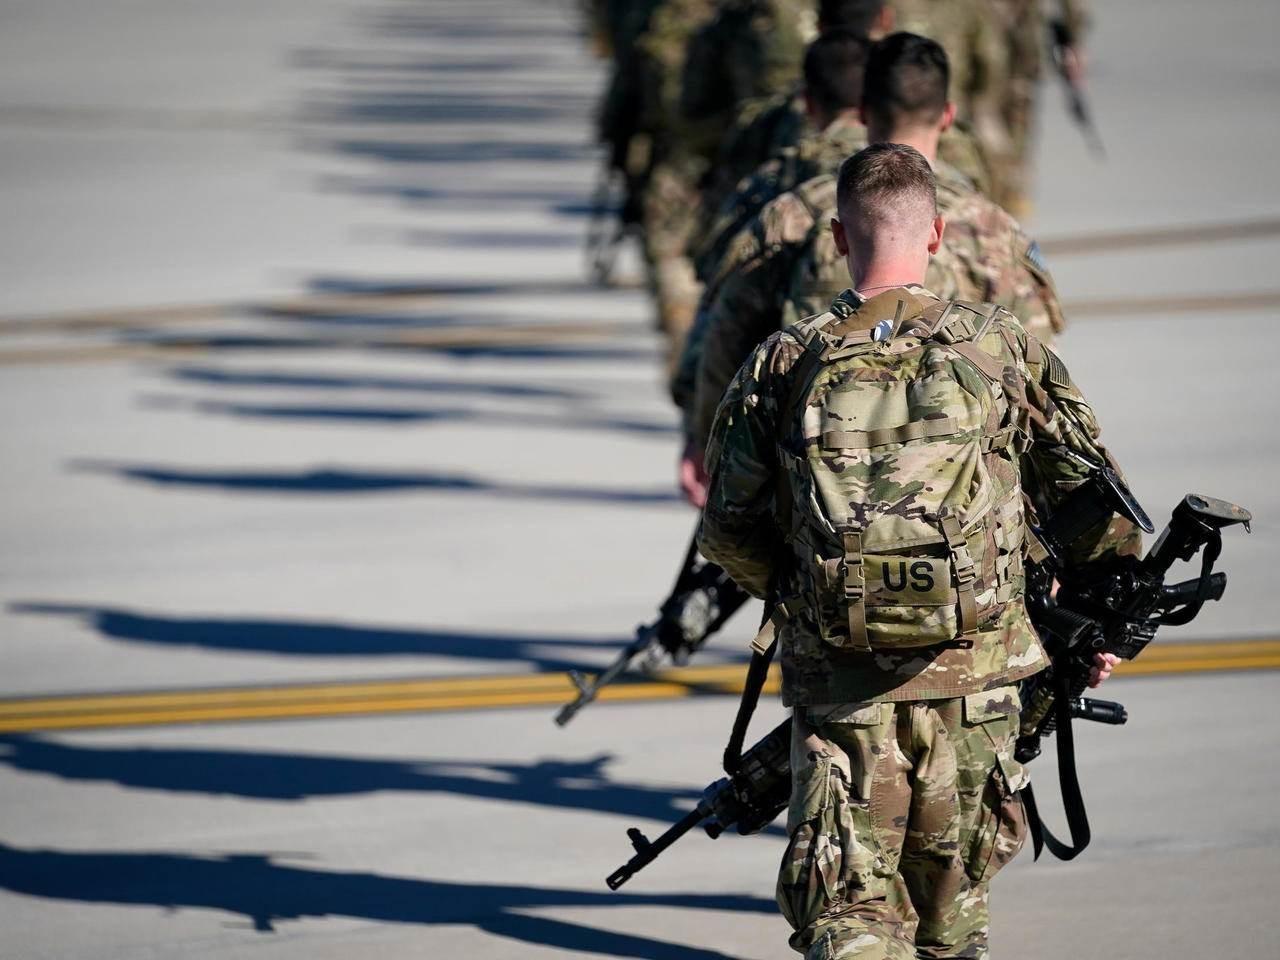 استهداف موقع للجيش الأميركيّ في منطقة حدودية بين العراق والكويت